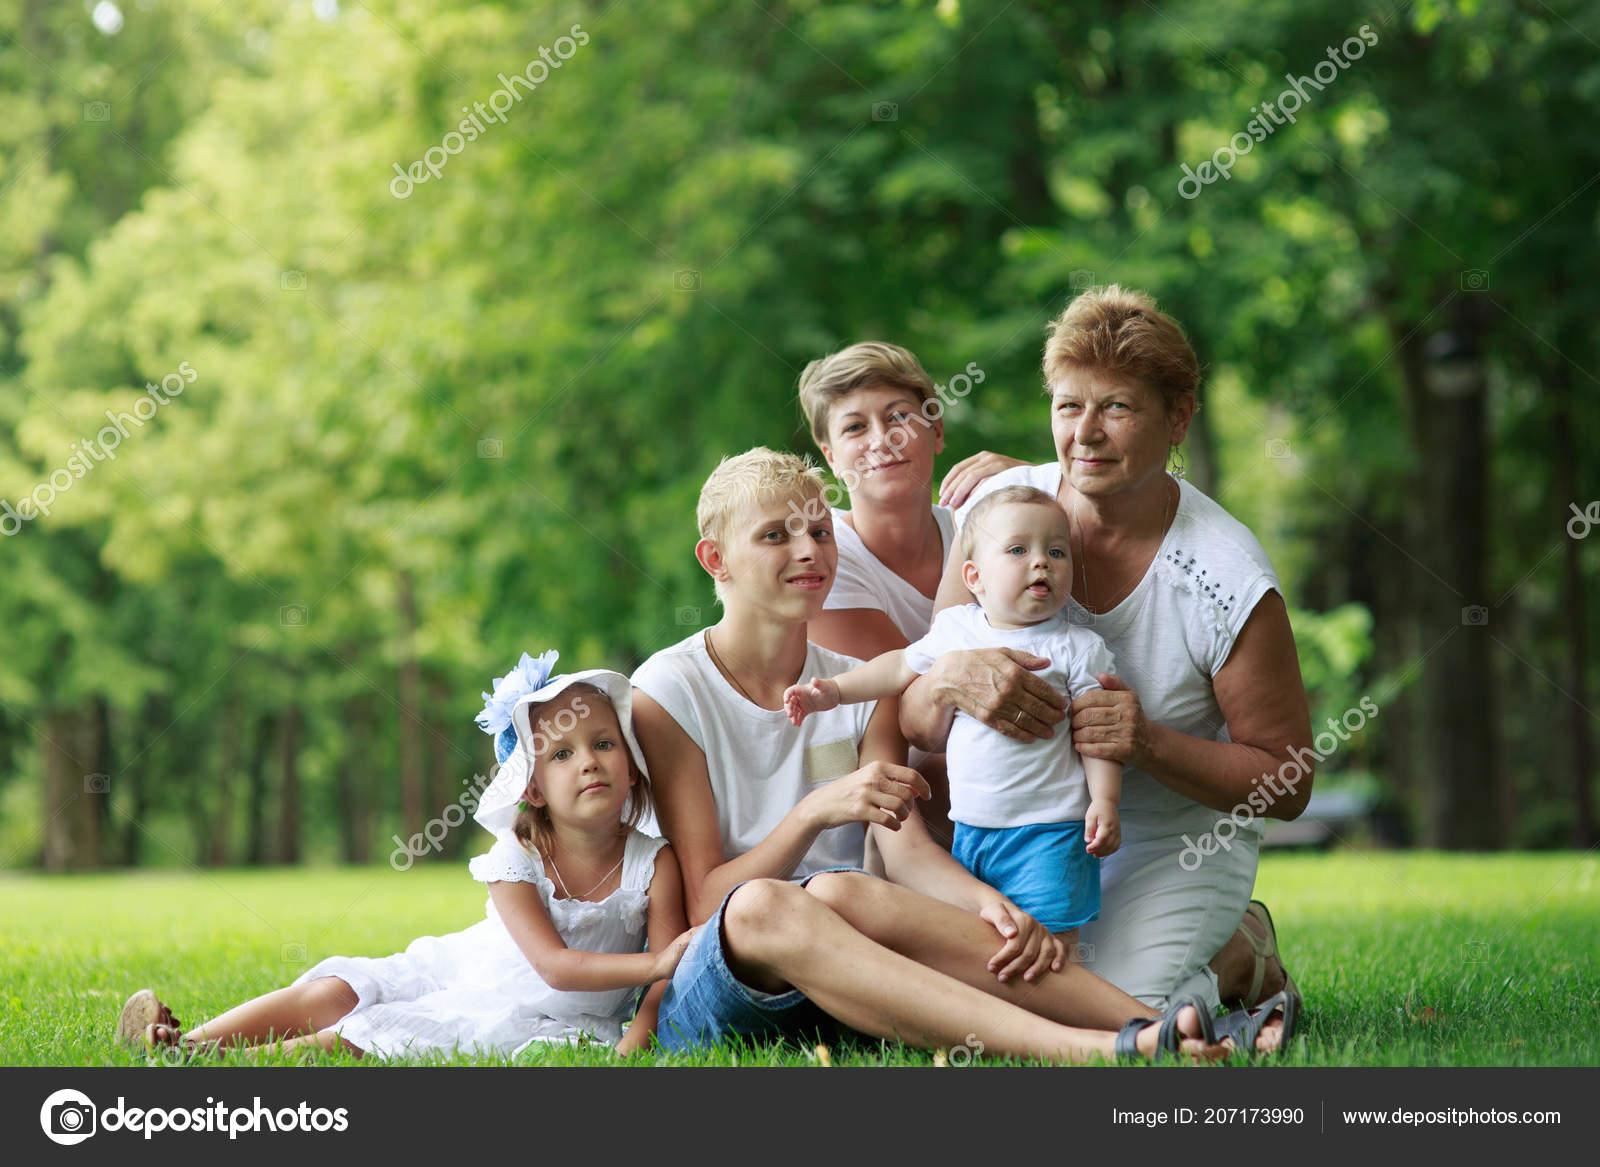 e1de543531c Οικογένεια Στο Πάρκο Καλοκαίρι Γιαγιά Παιδιά Που Κάθεται Στο Γρασίδι —  Φωτογραφία Αρχείου